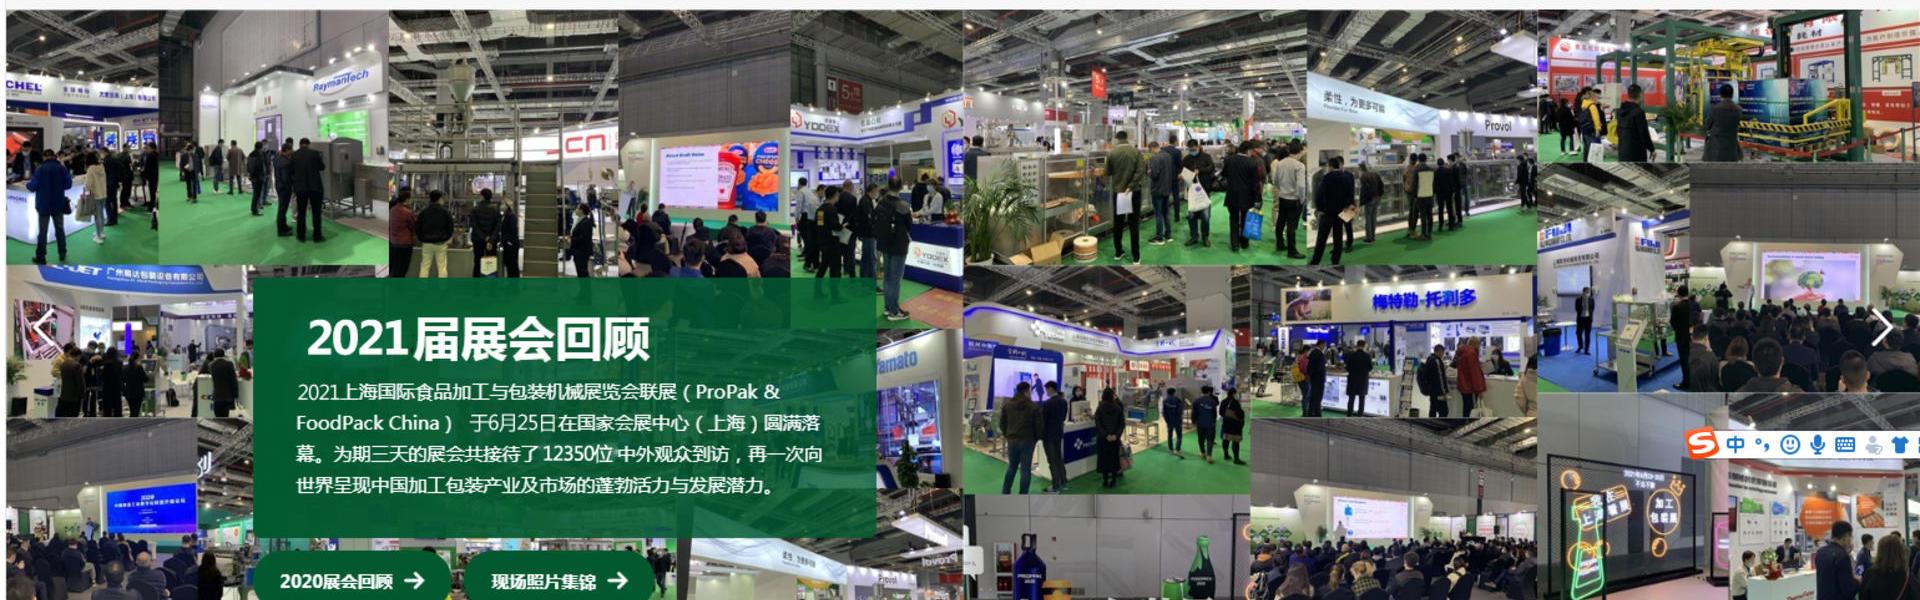 上海加工包装展propak展会内容